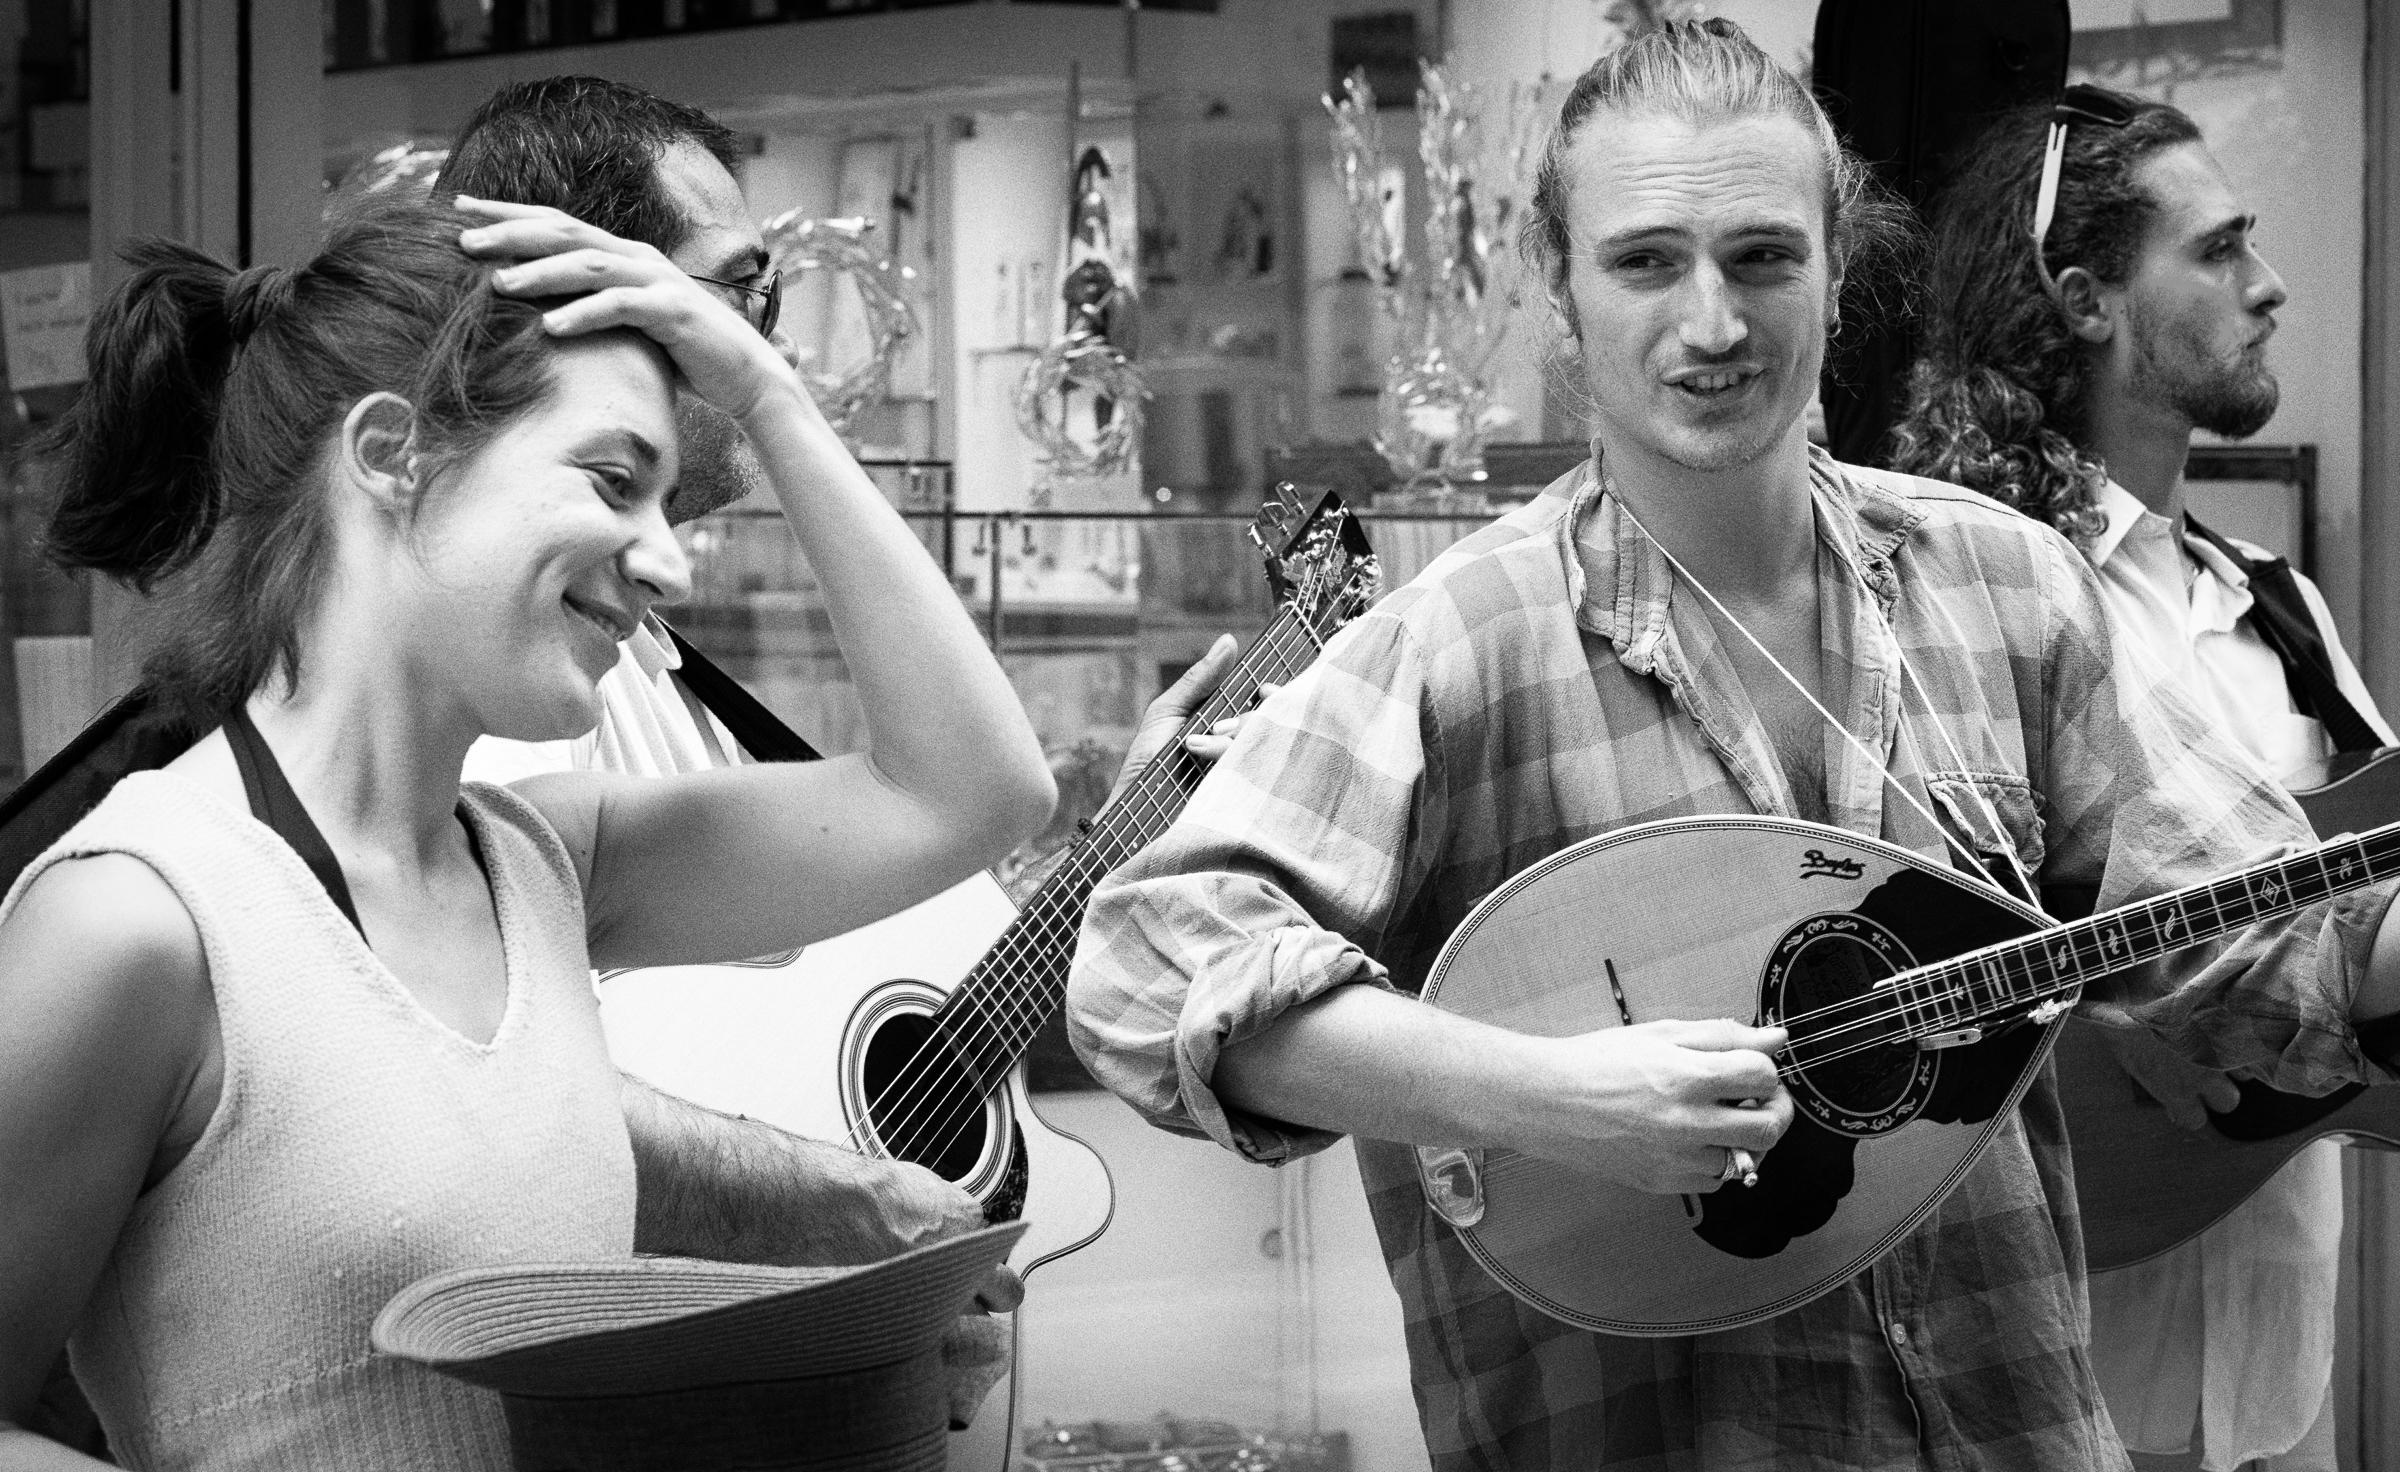 Ηώ and her friends playing in the streets of Athens